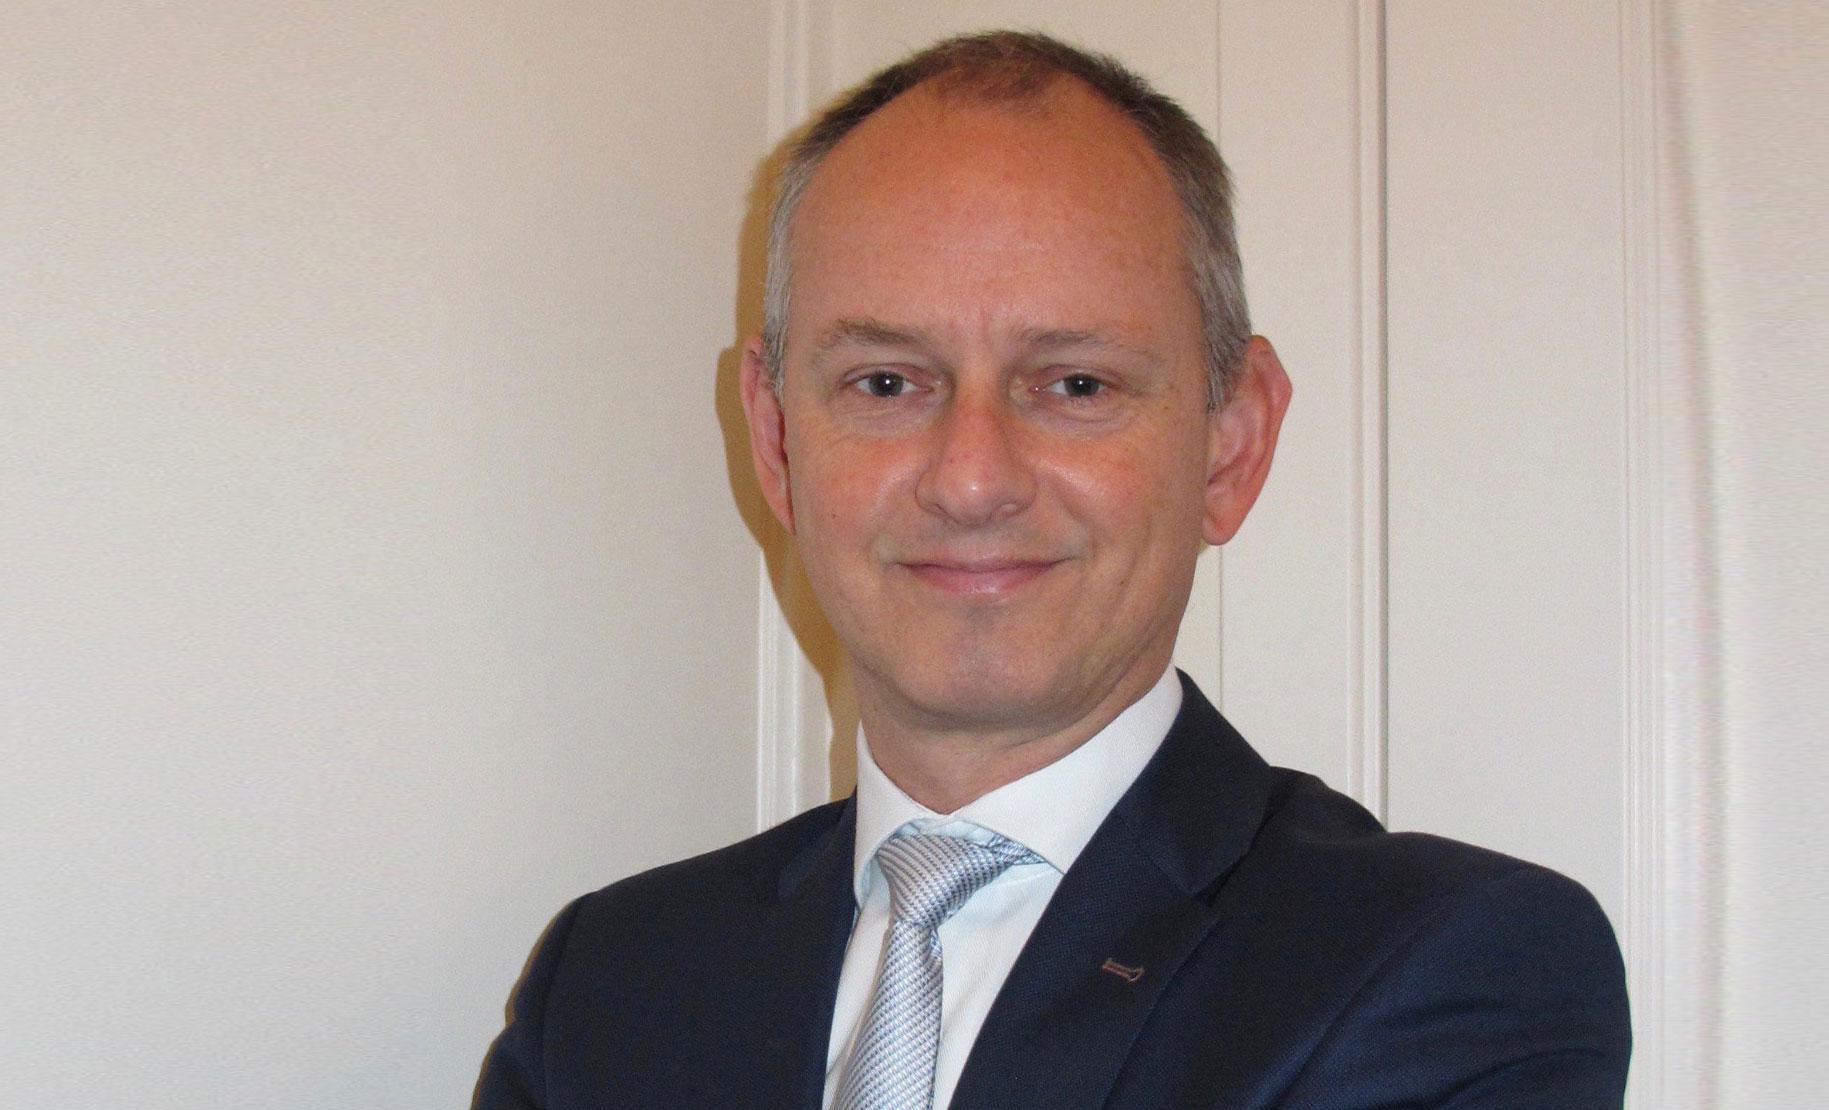 Arthur Jansen CFO KNAW - Klant van Grip op finance